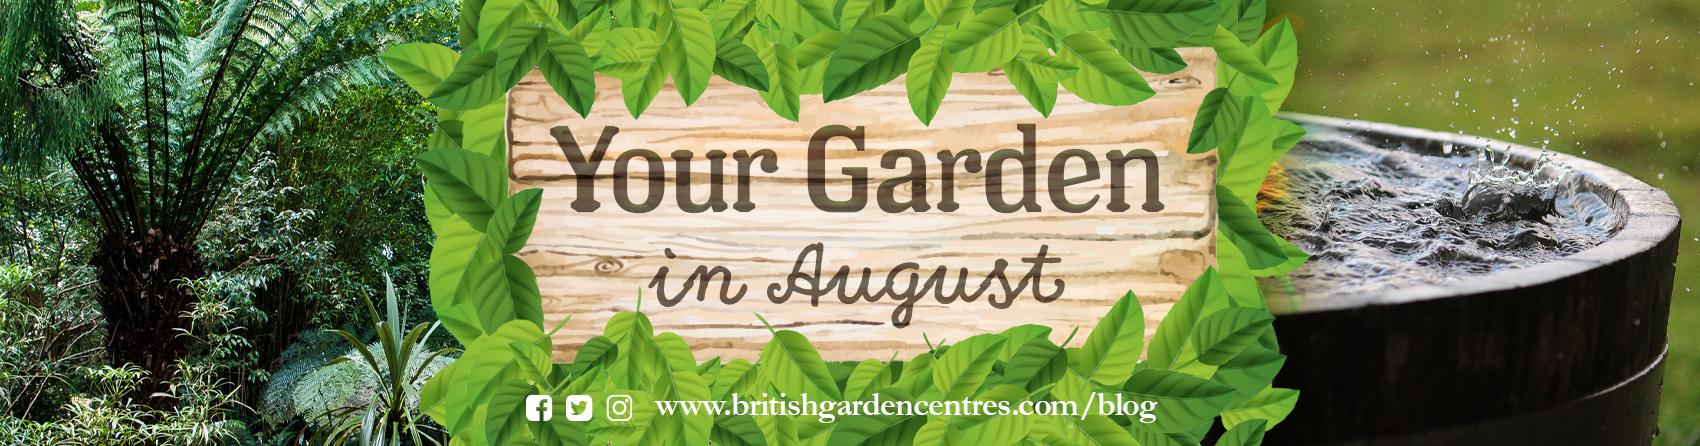 british garden centres, gardening centres, garden shop